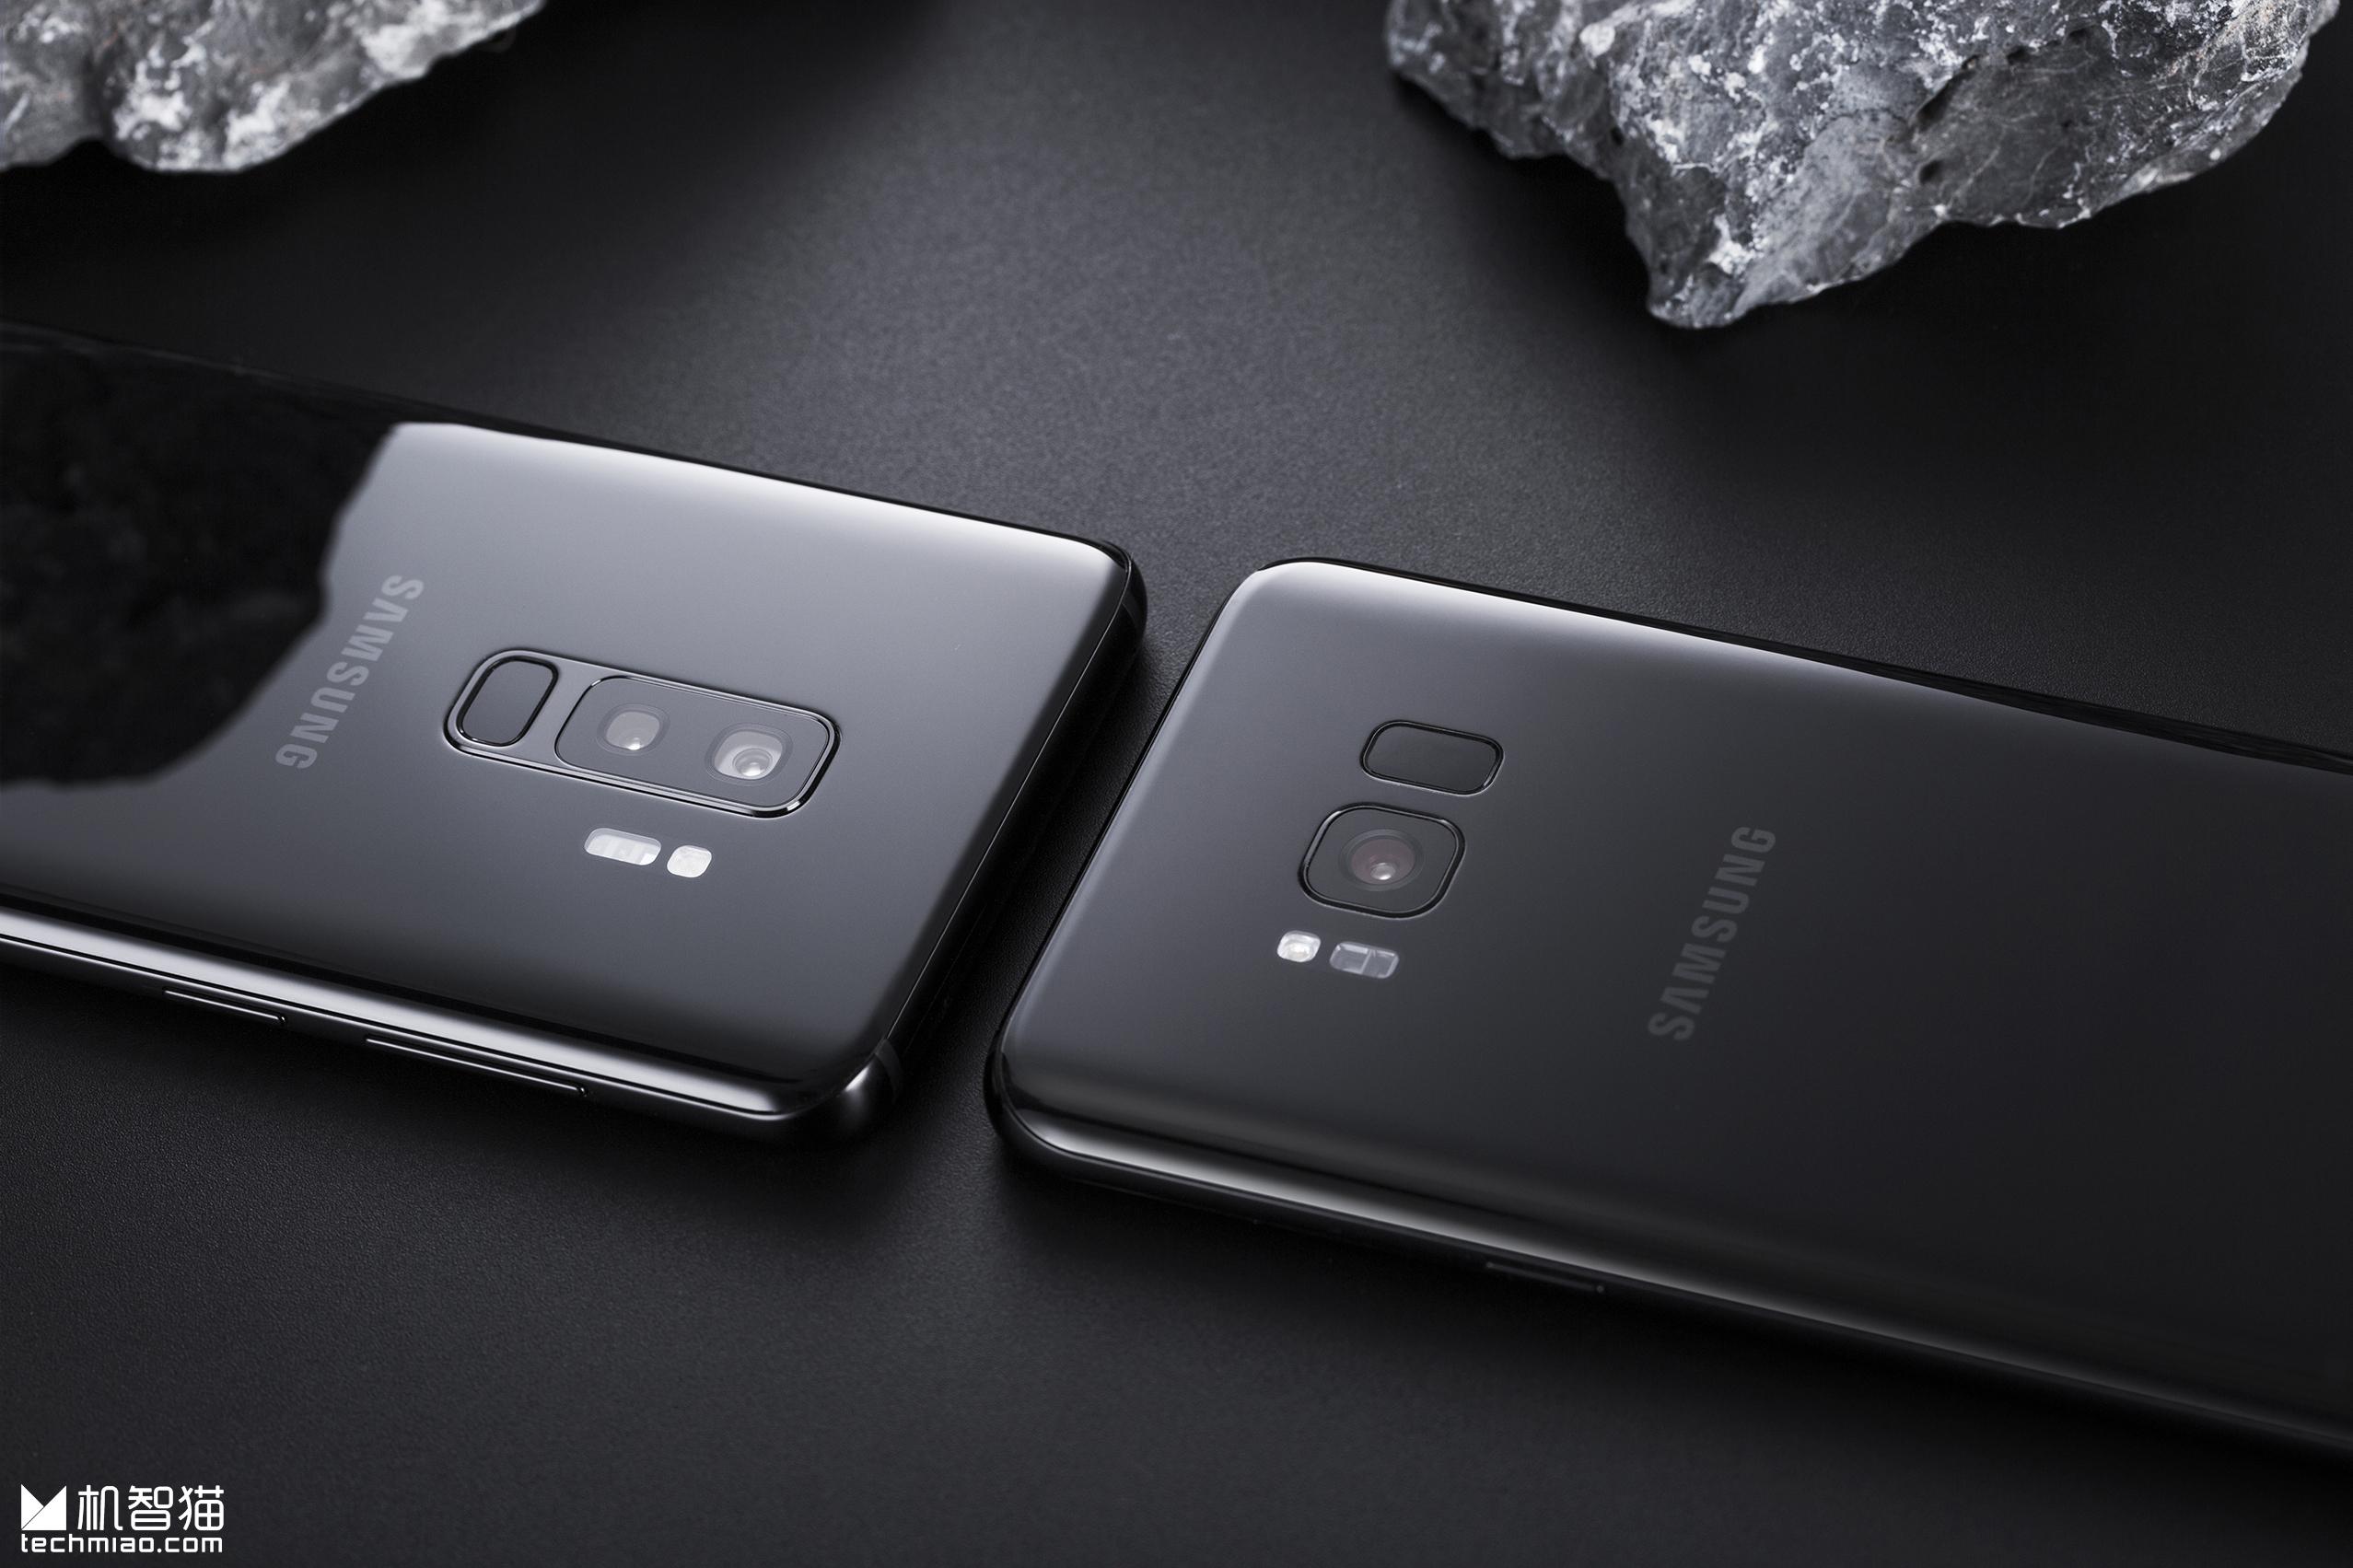 7张图告诉你三星Galaxy S9到底改没改设计?